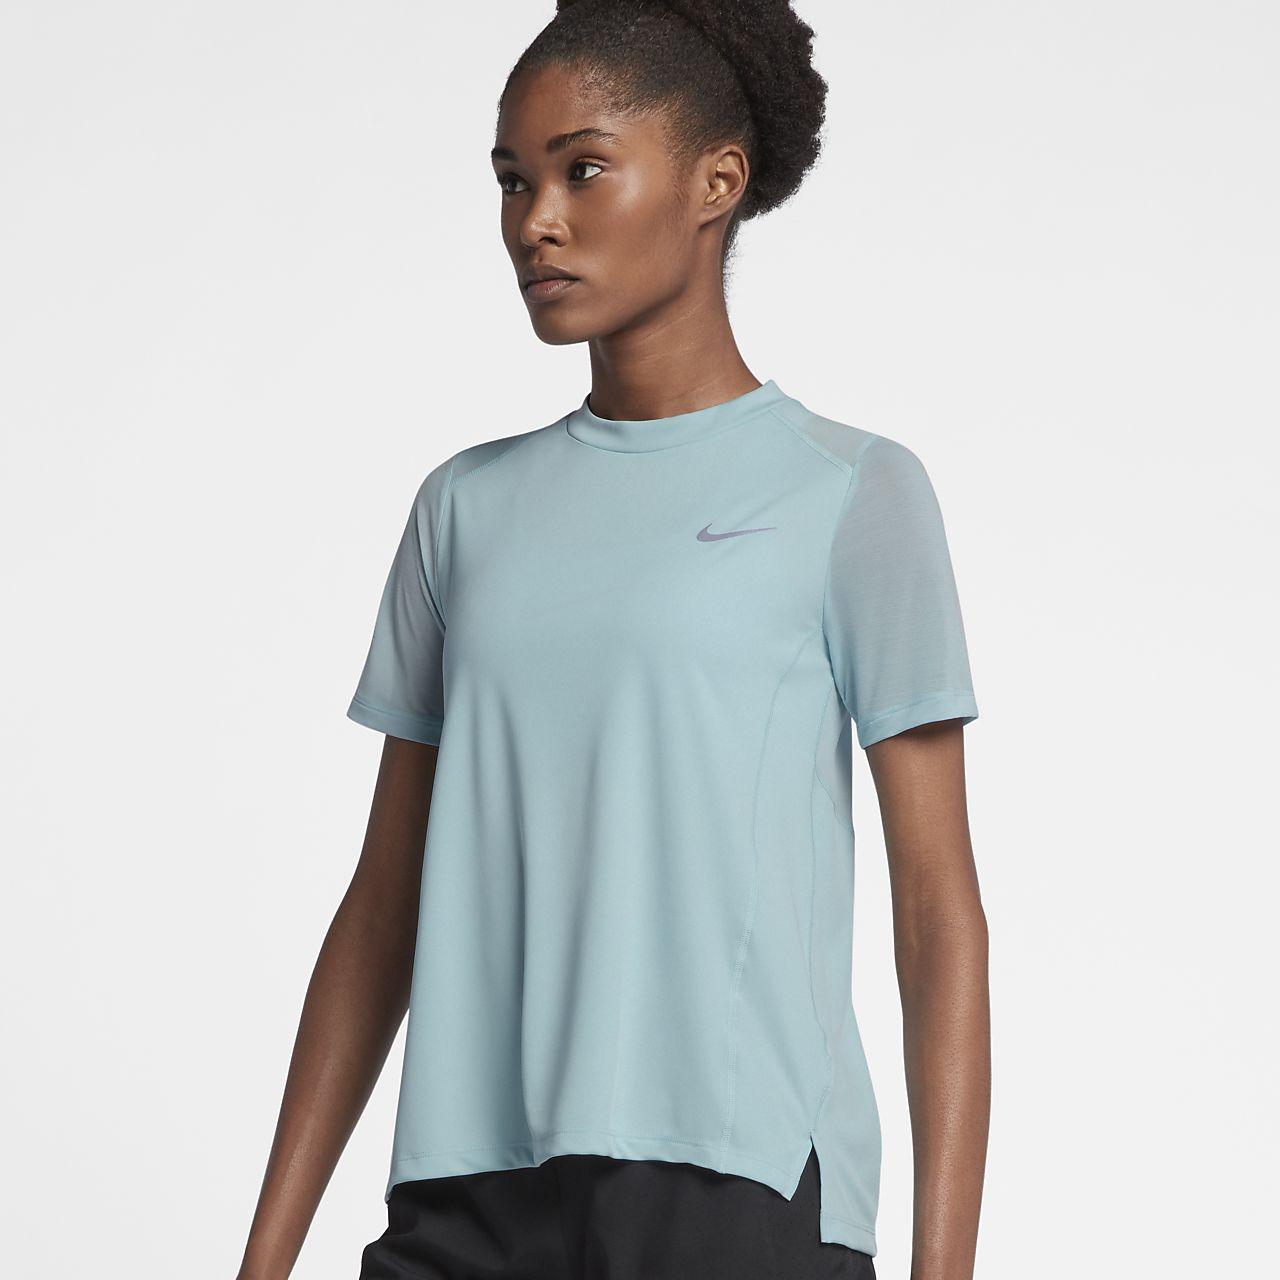 Nike Dry Miler Women's Short Sleeve Running Tops White